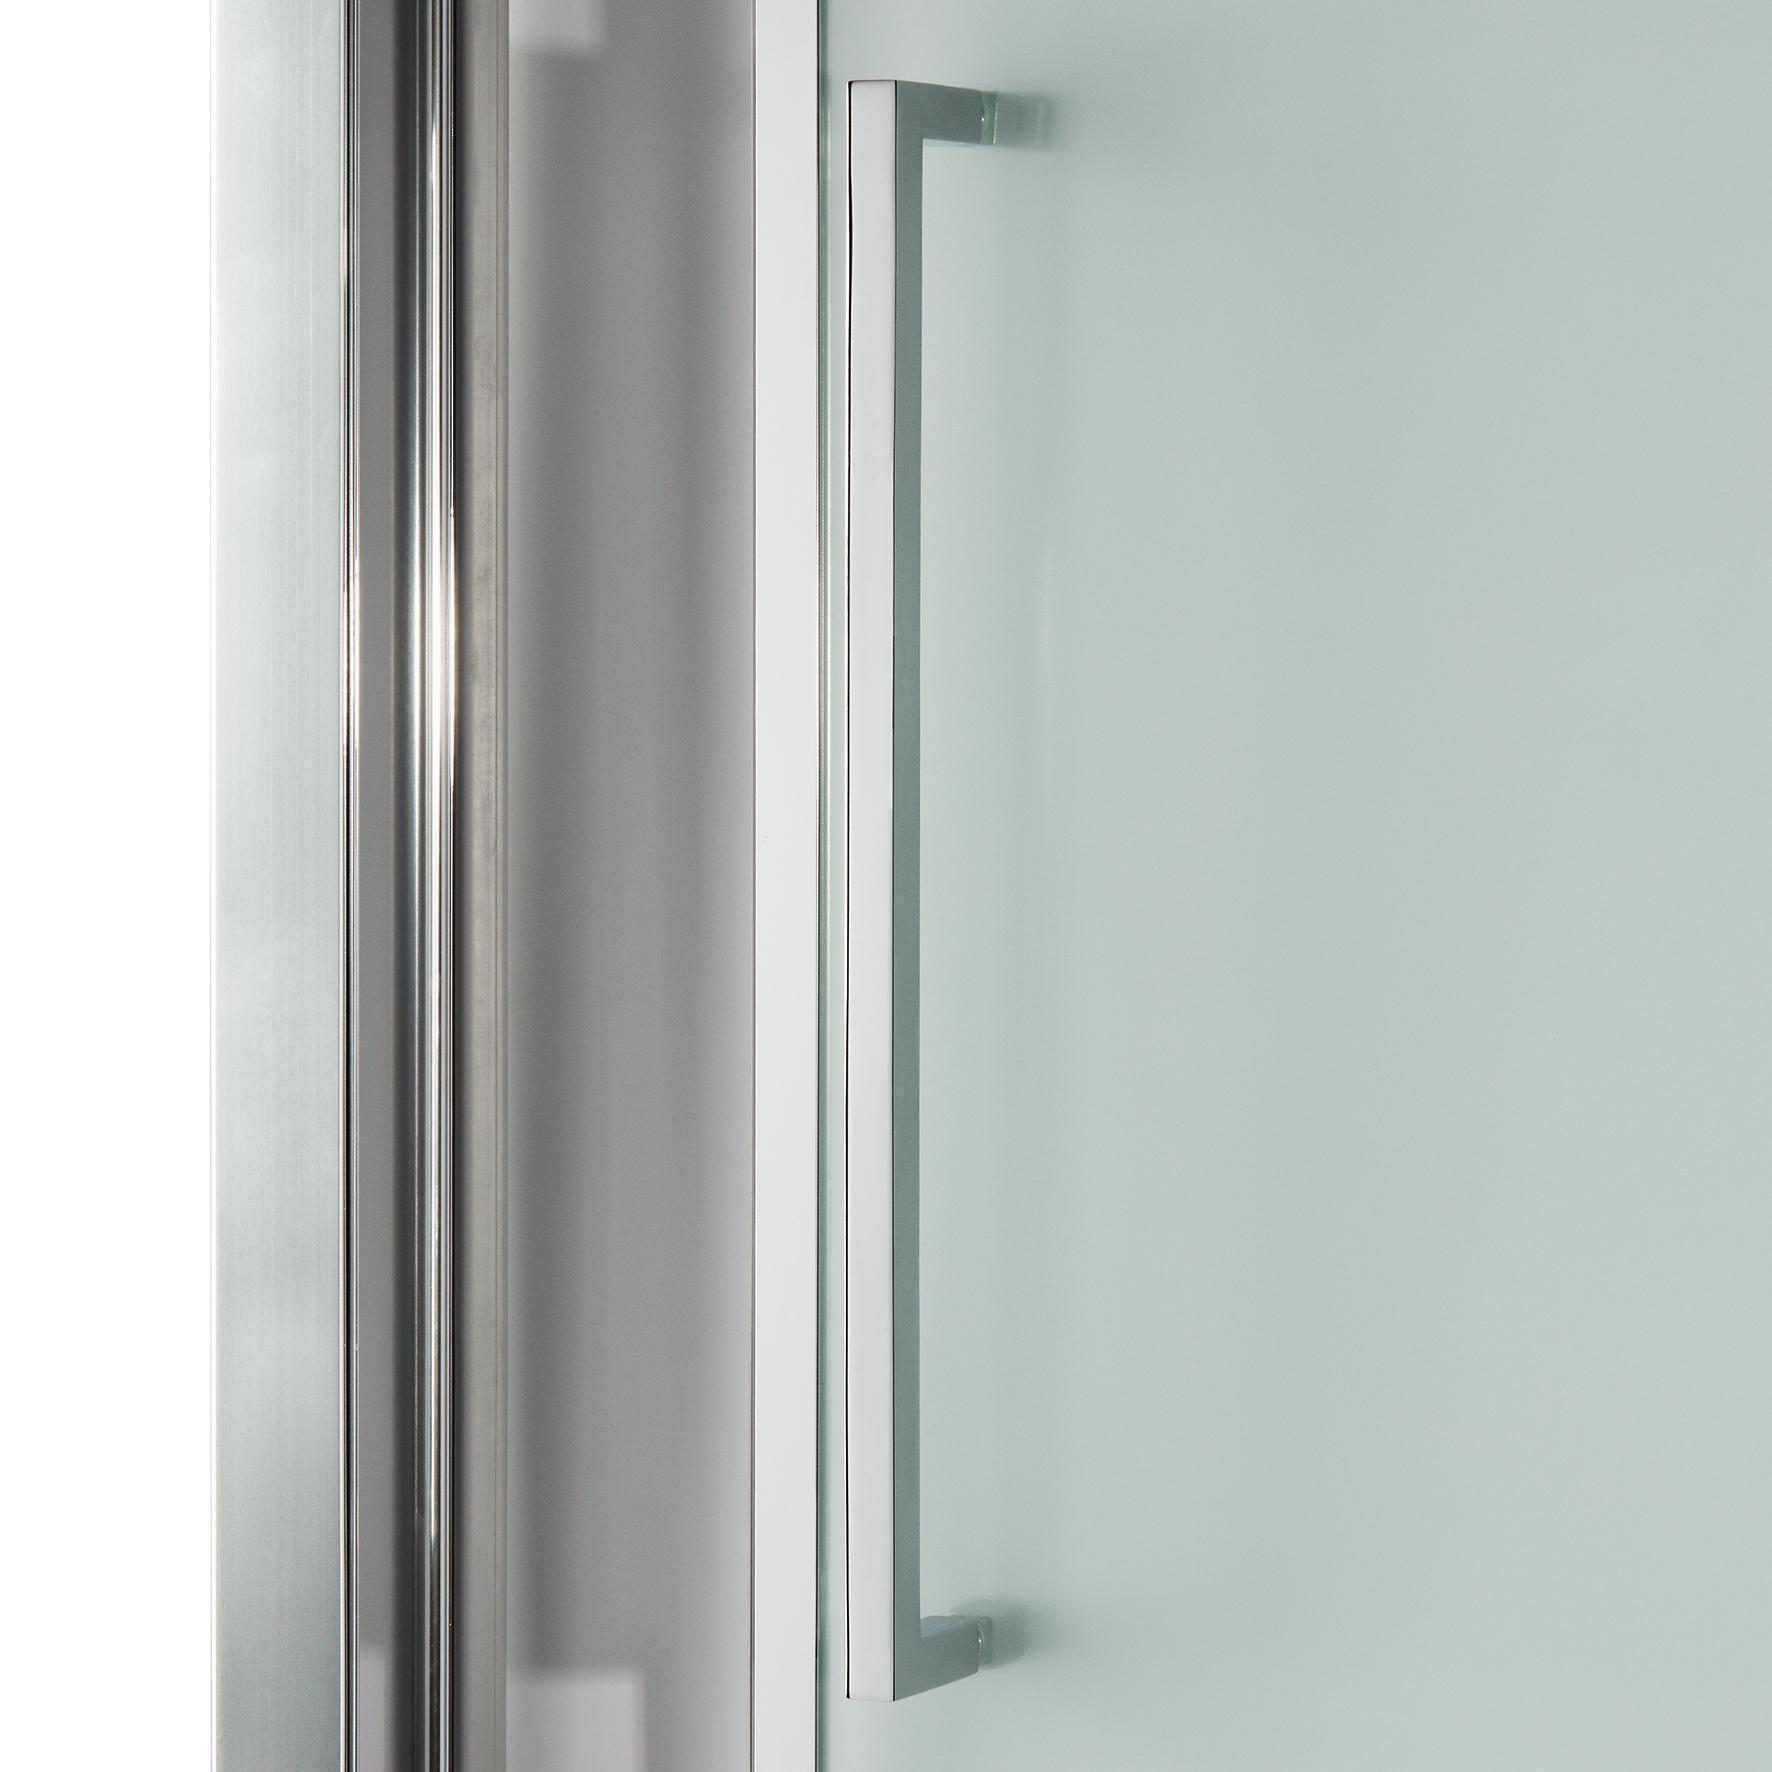 Porta doccia battente Record 67 cm, H 195 cm in vetro temprato, spessore 6 mm trasparente silver - 4